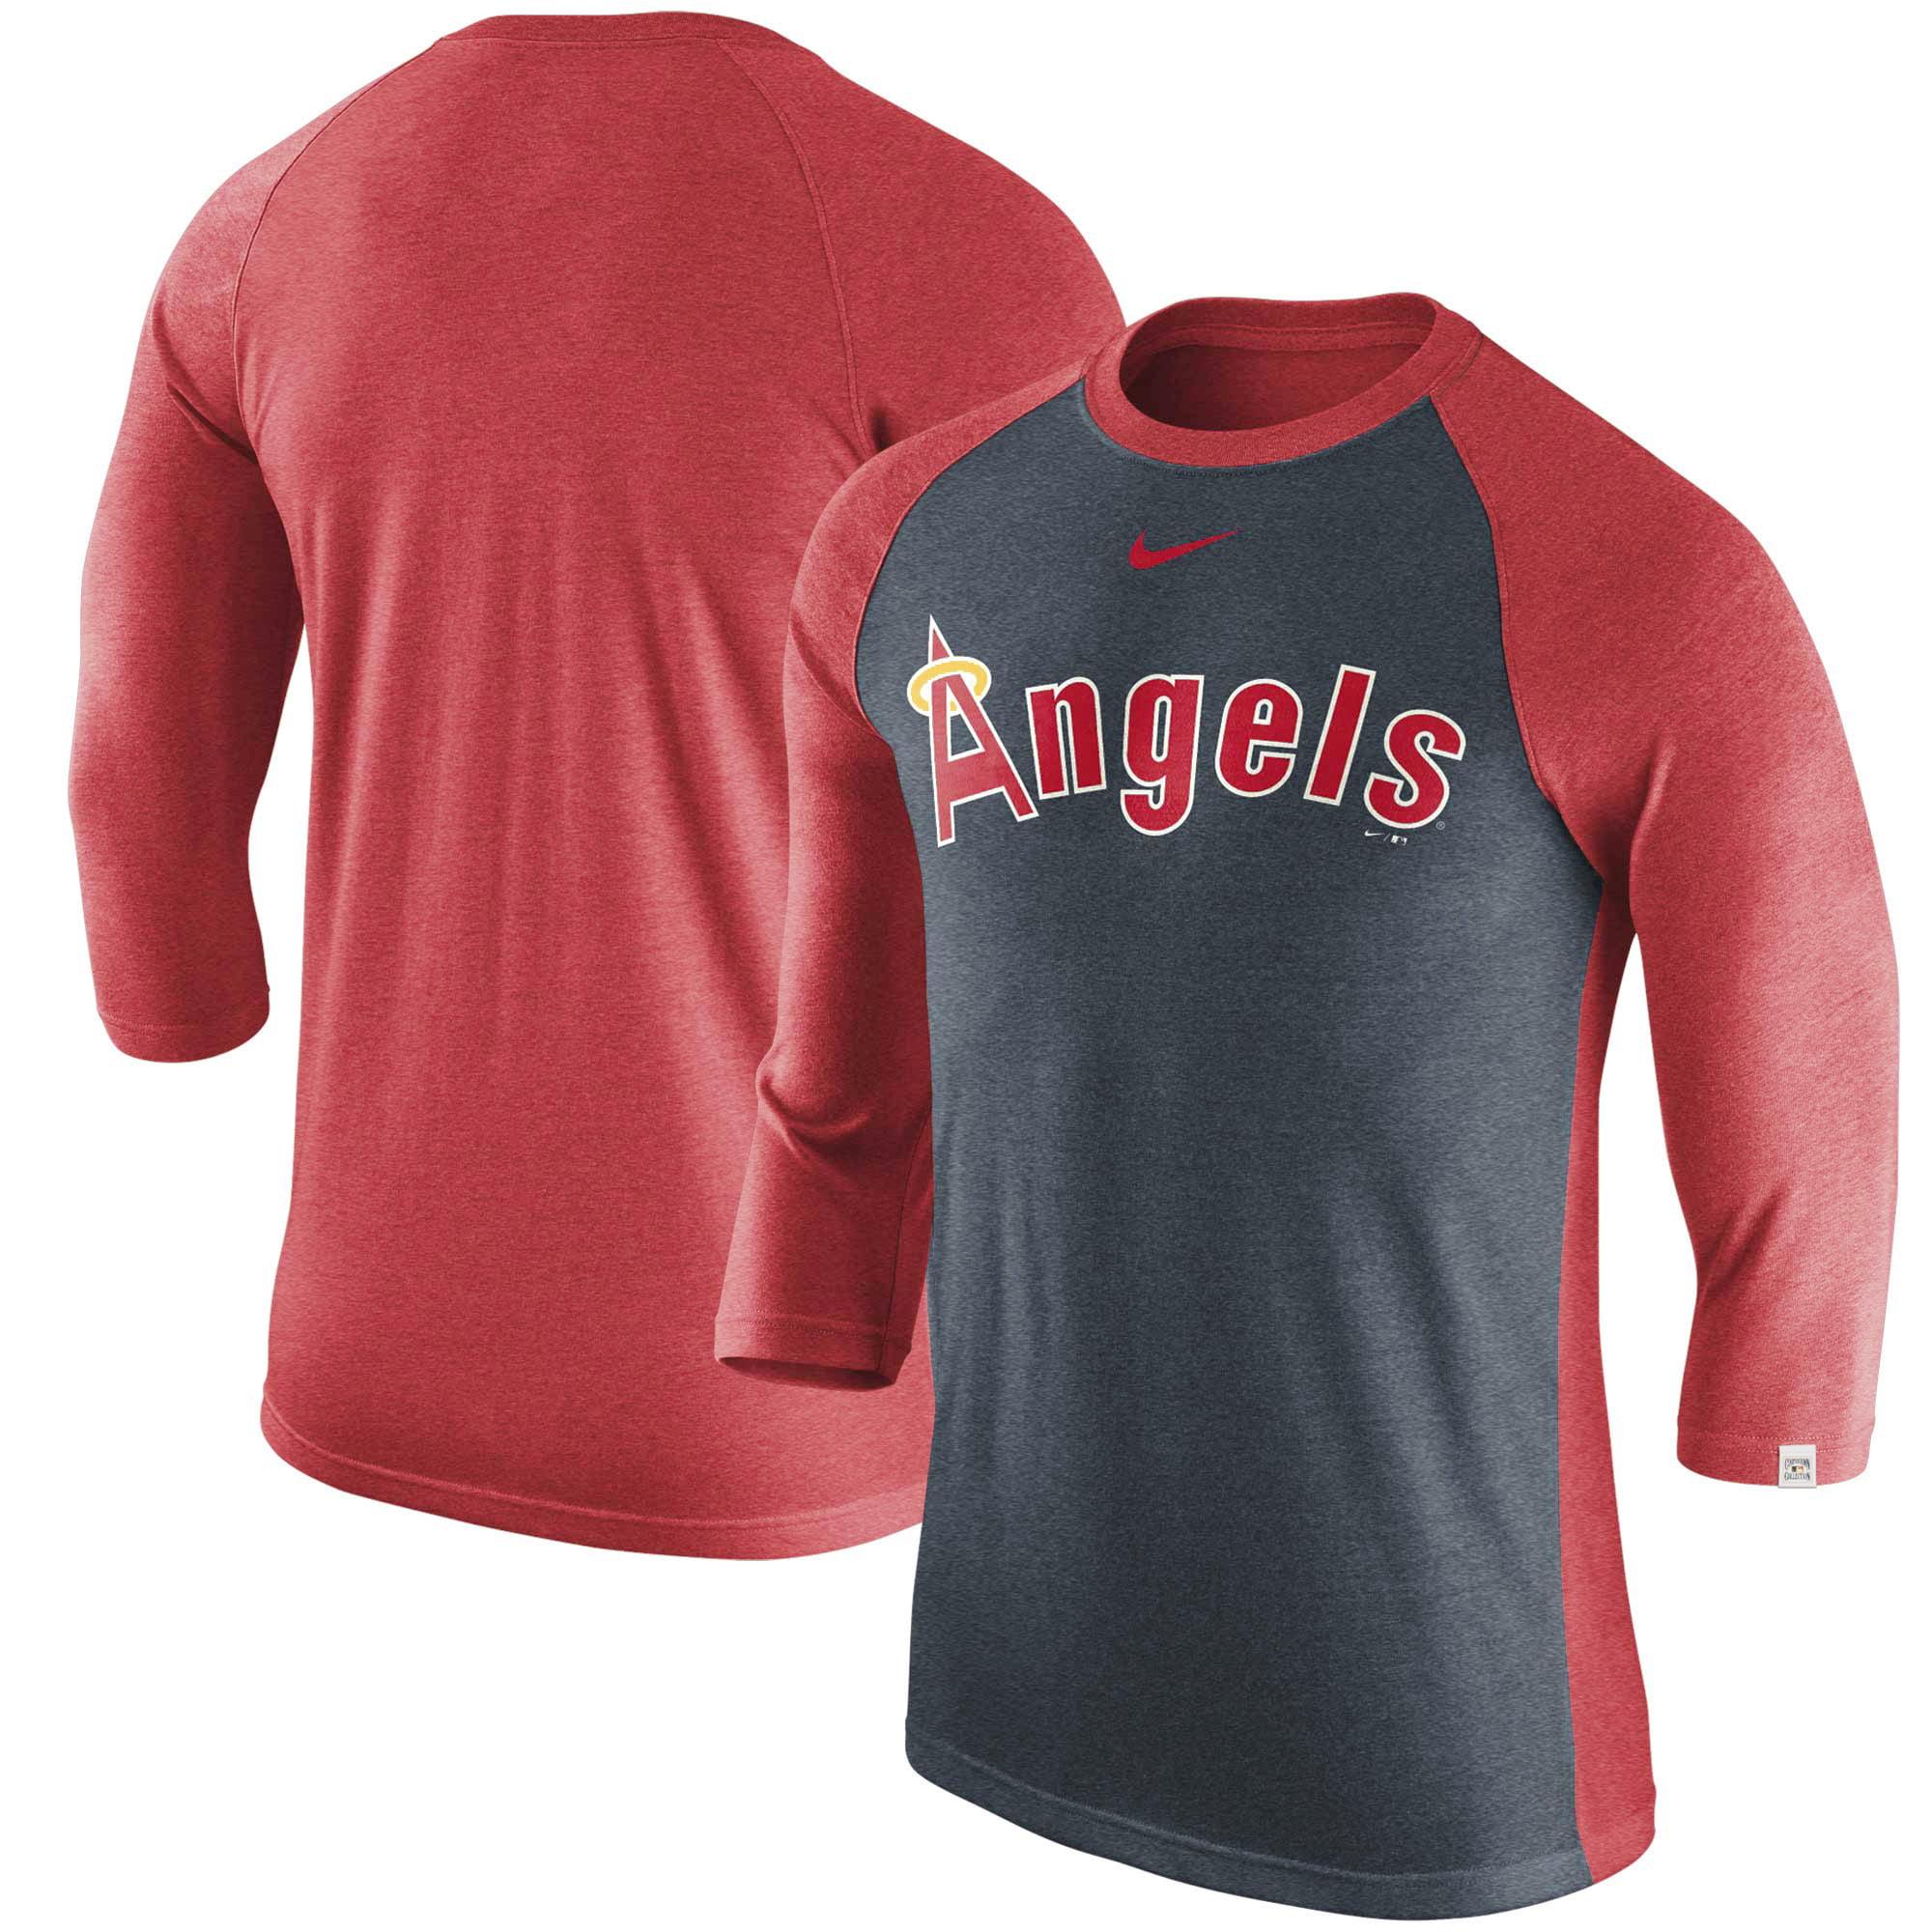 Los Angeles Angels Nike Wordmark Tri-Blend Raglan 3/4-Sleeve T-Shirt - Navy/Red